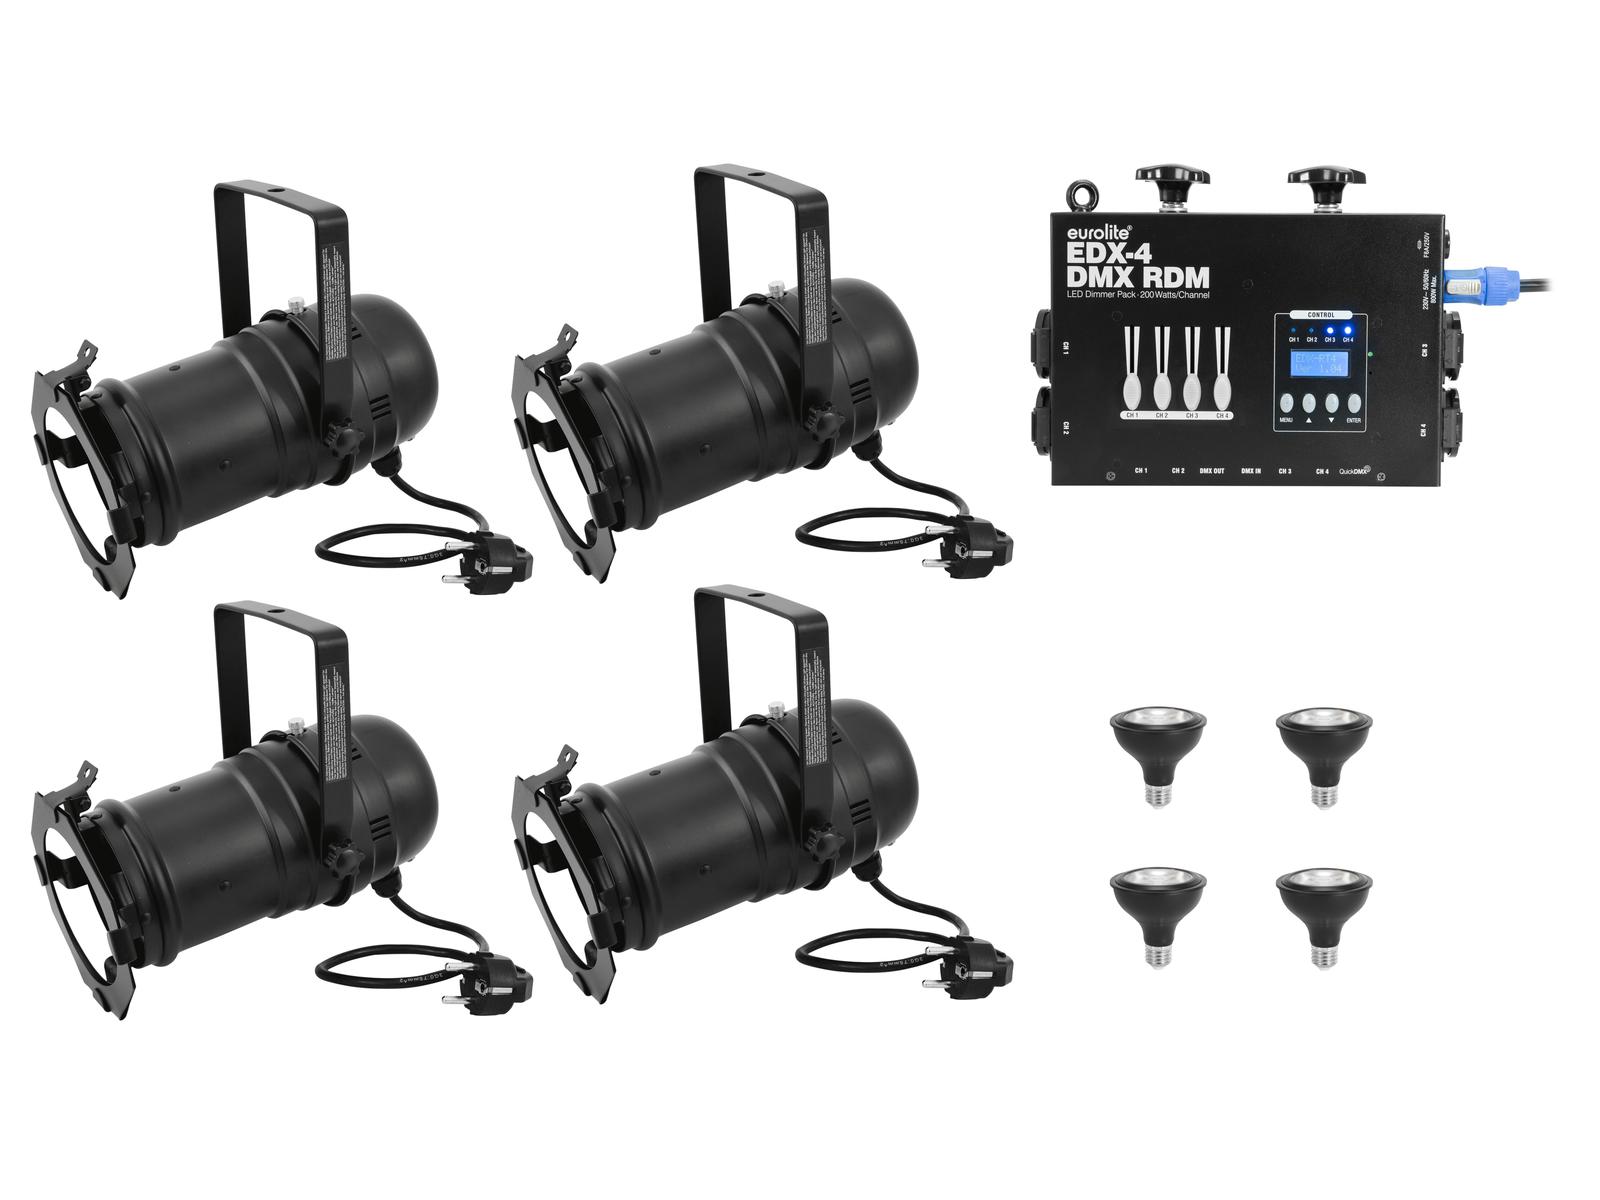 EUROLITE Set 4x PAR-30 Spot sw dim2warm + EDX-4 DMX RDM LED-Dimmerpack